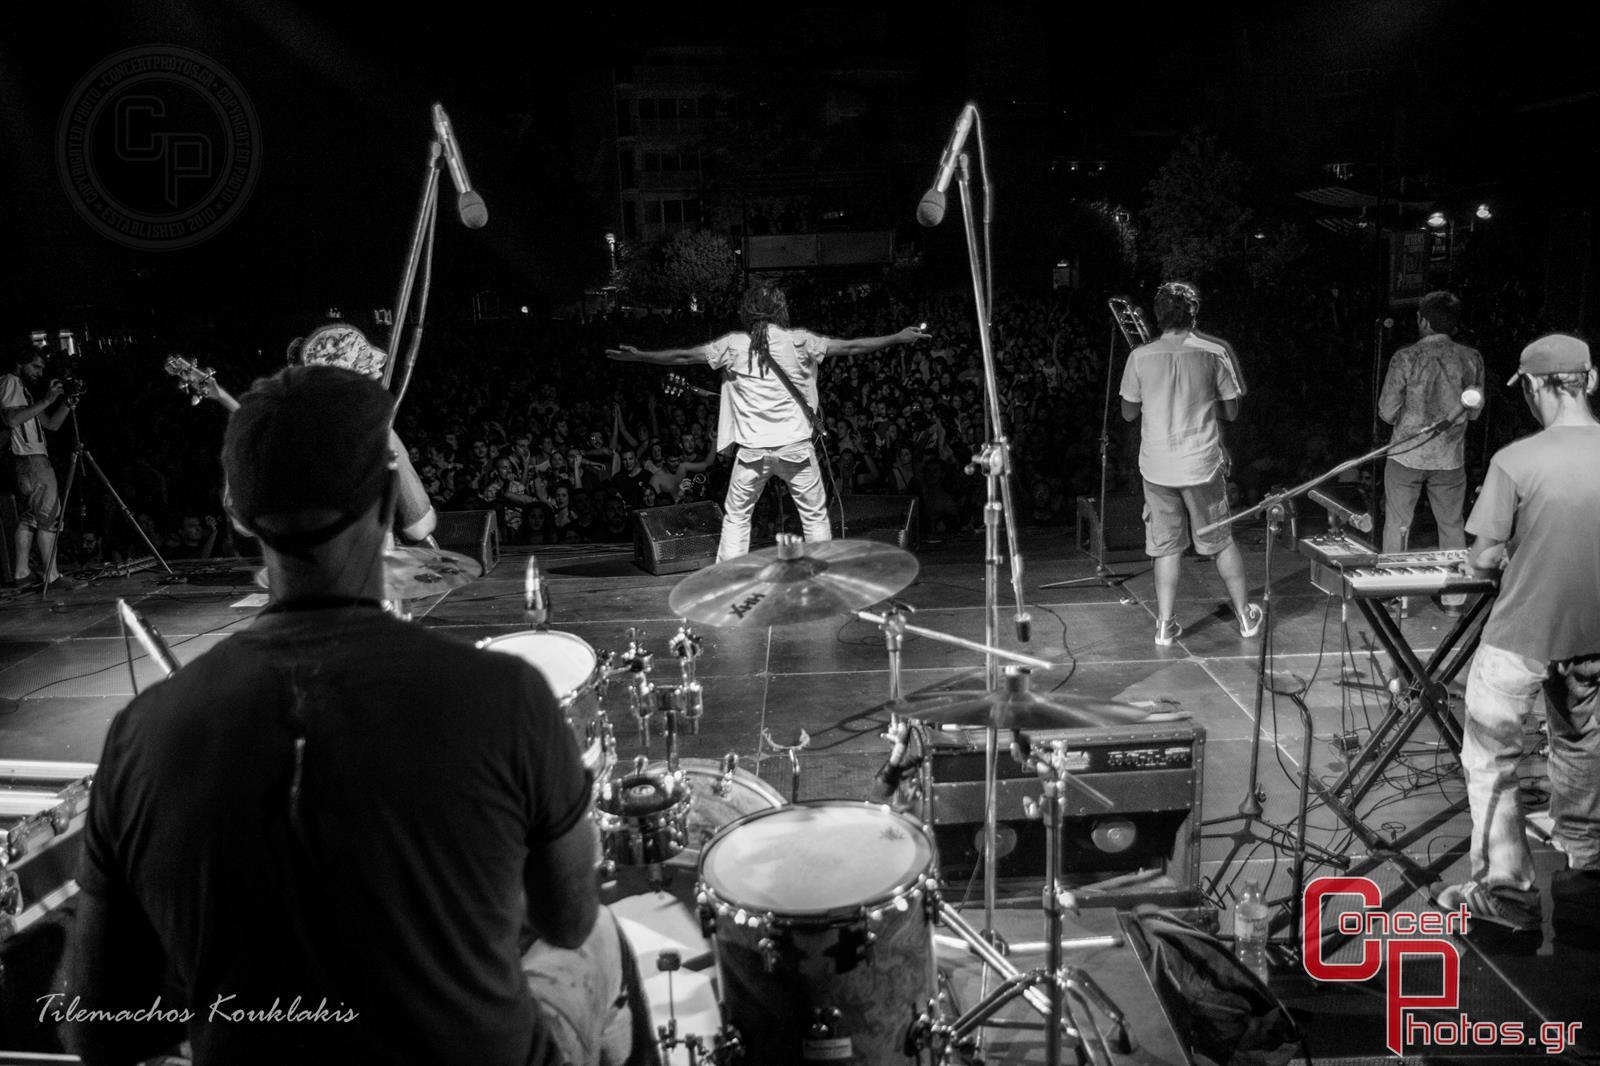 Μία συναυλία για τη Σχεδία 2014-Sxedia 2014 photographer:  - concertphotos_20140530_20_13_38